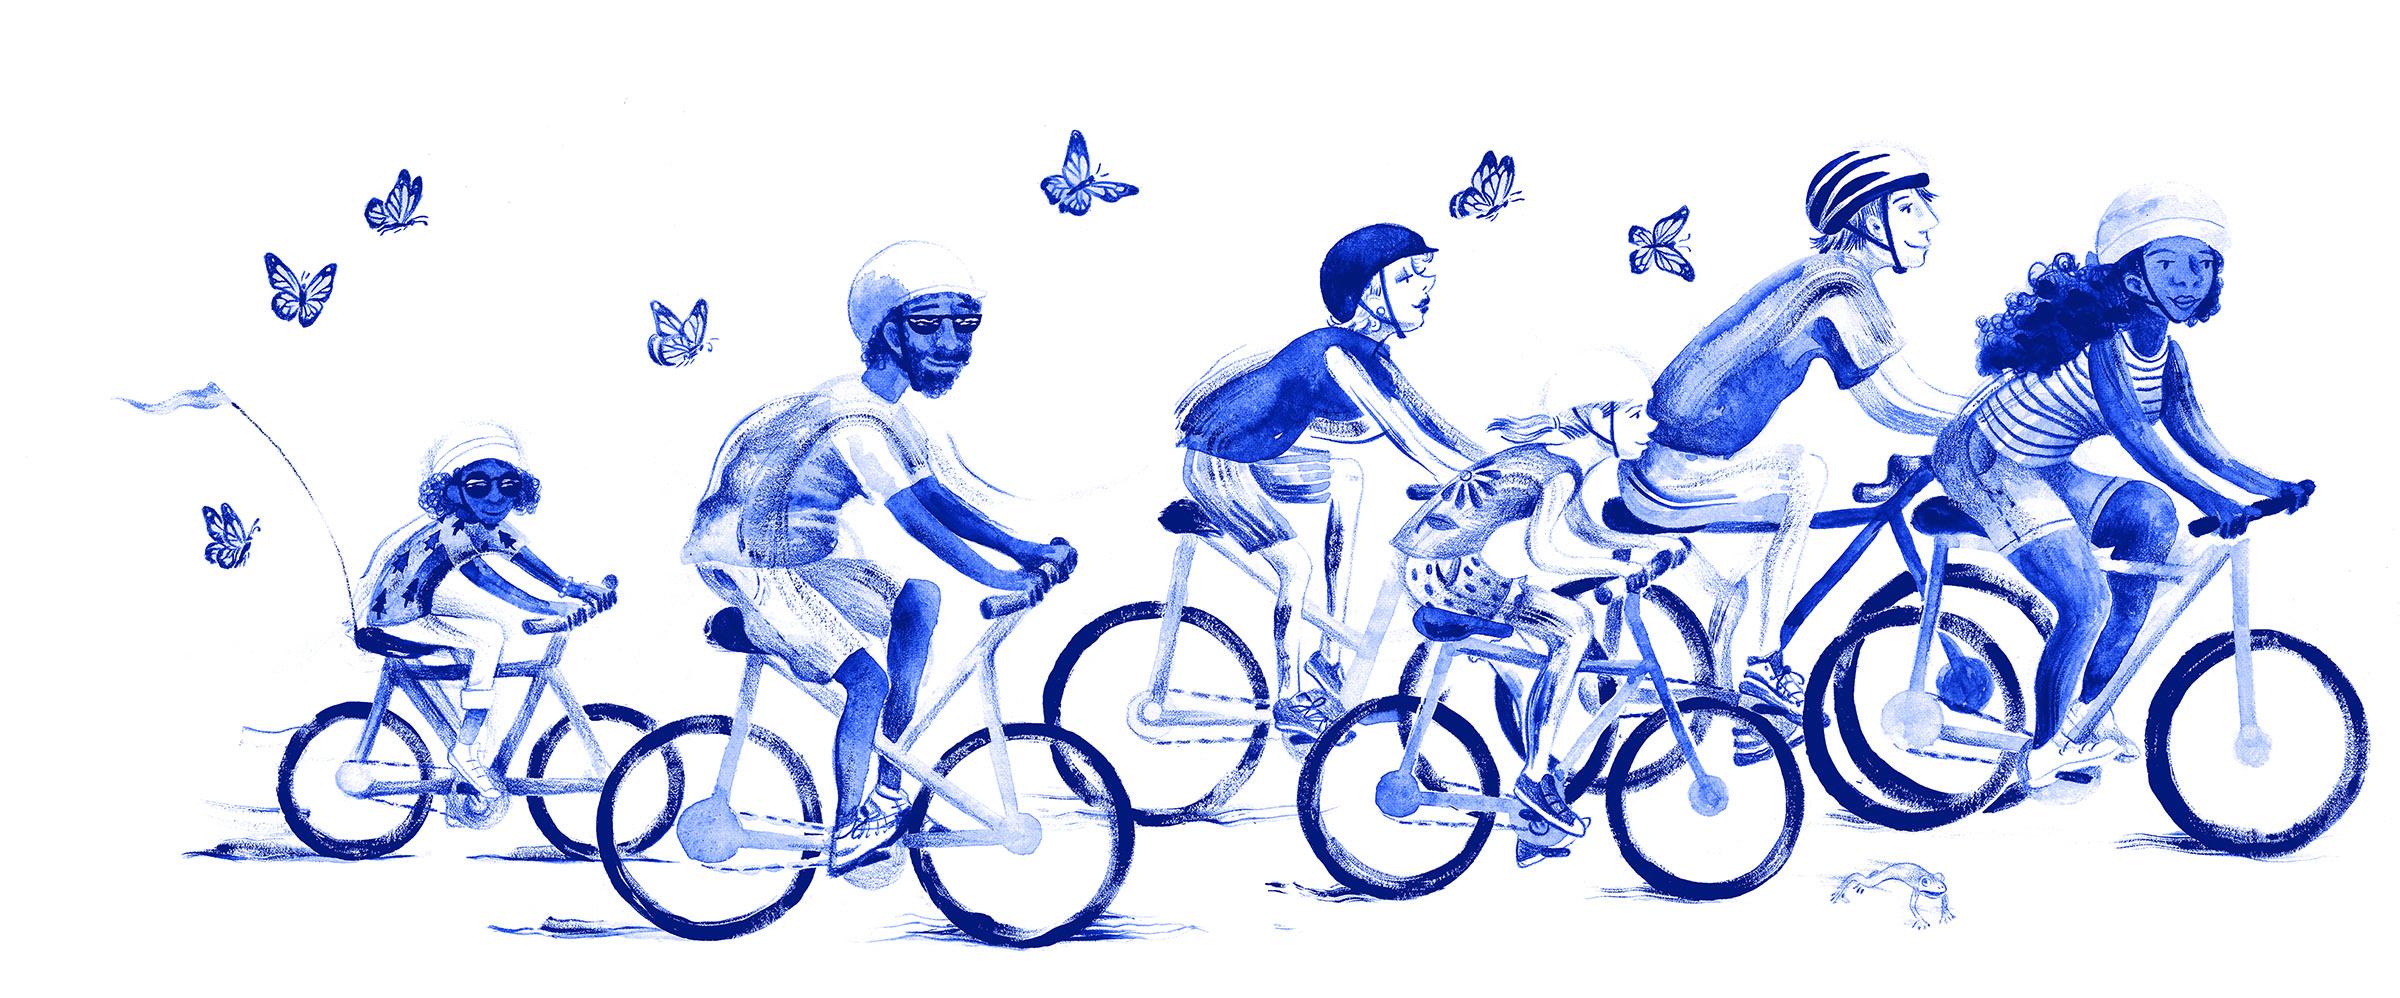 1_Packs_BikeRide.jpg